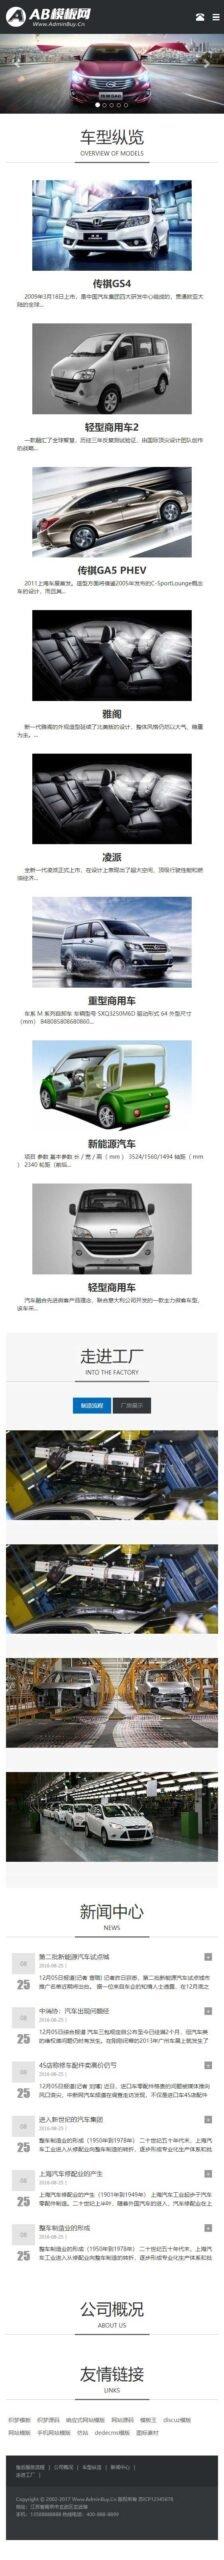 汽车租赁销售企业网站织梦dede模板源码[自适应手机版]插图1